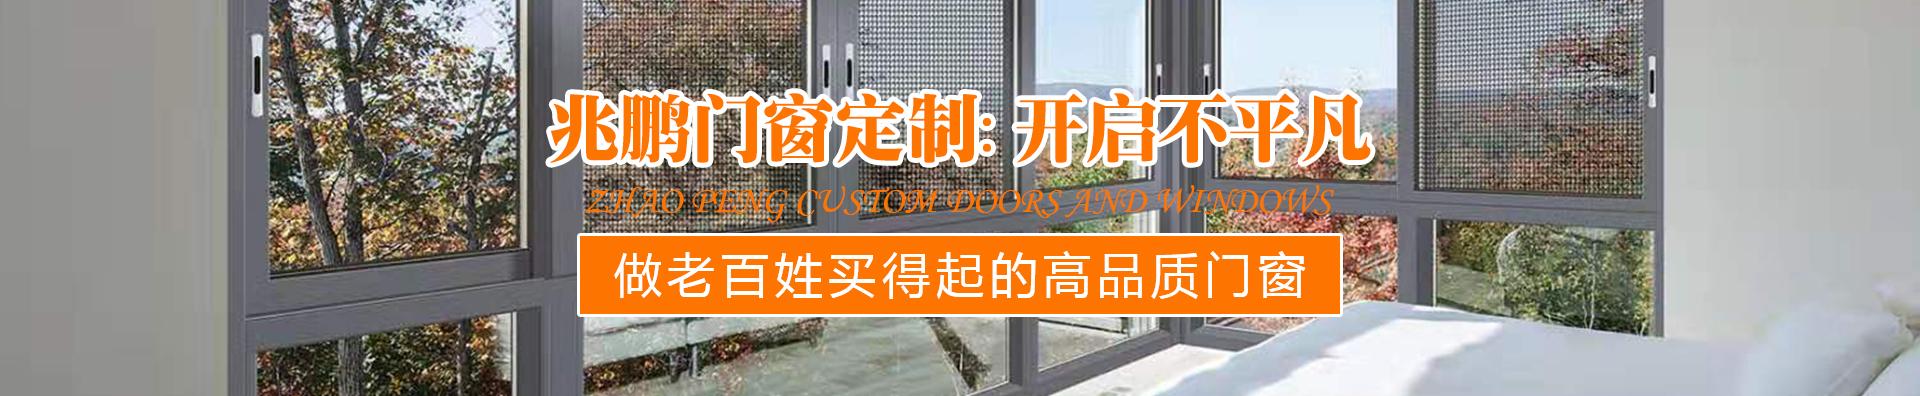 重庆铝合金门窗价格